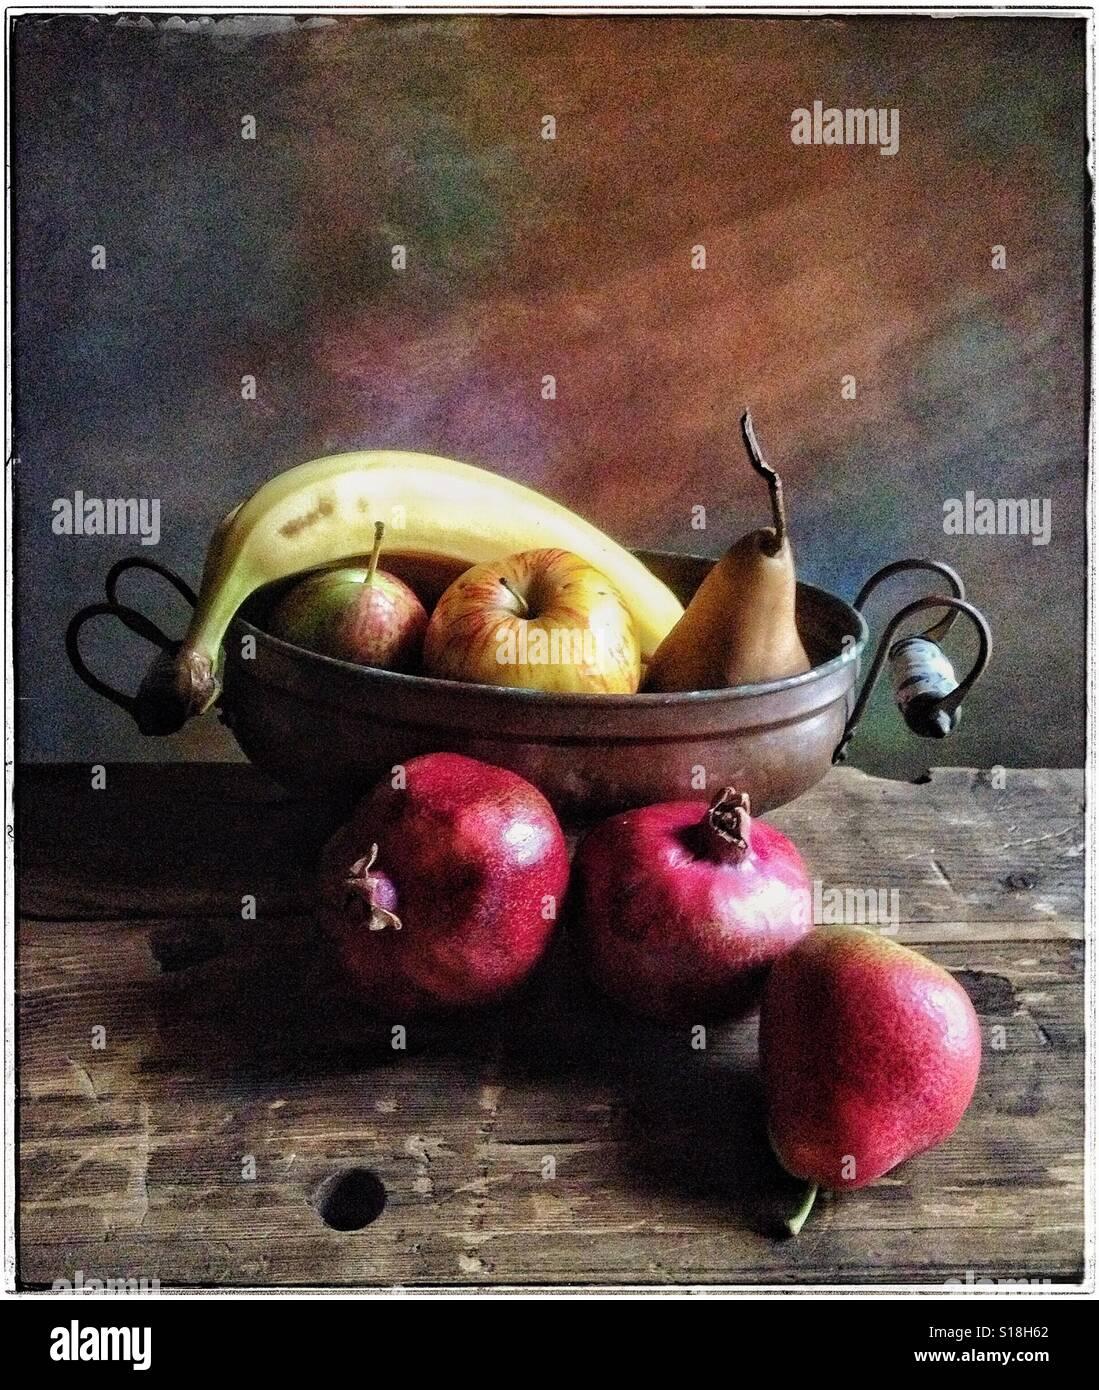 Fruit StillLife - Stock Image